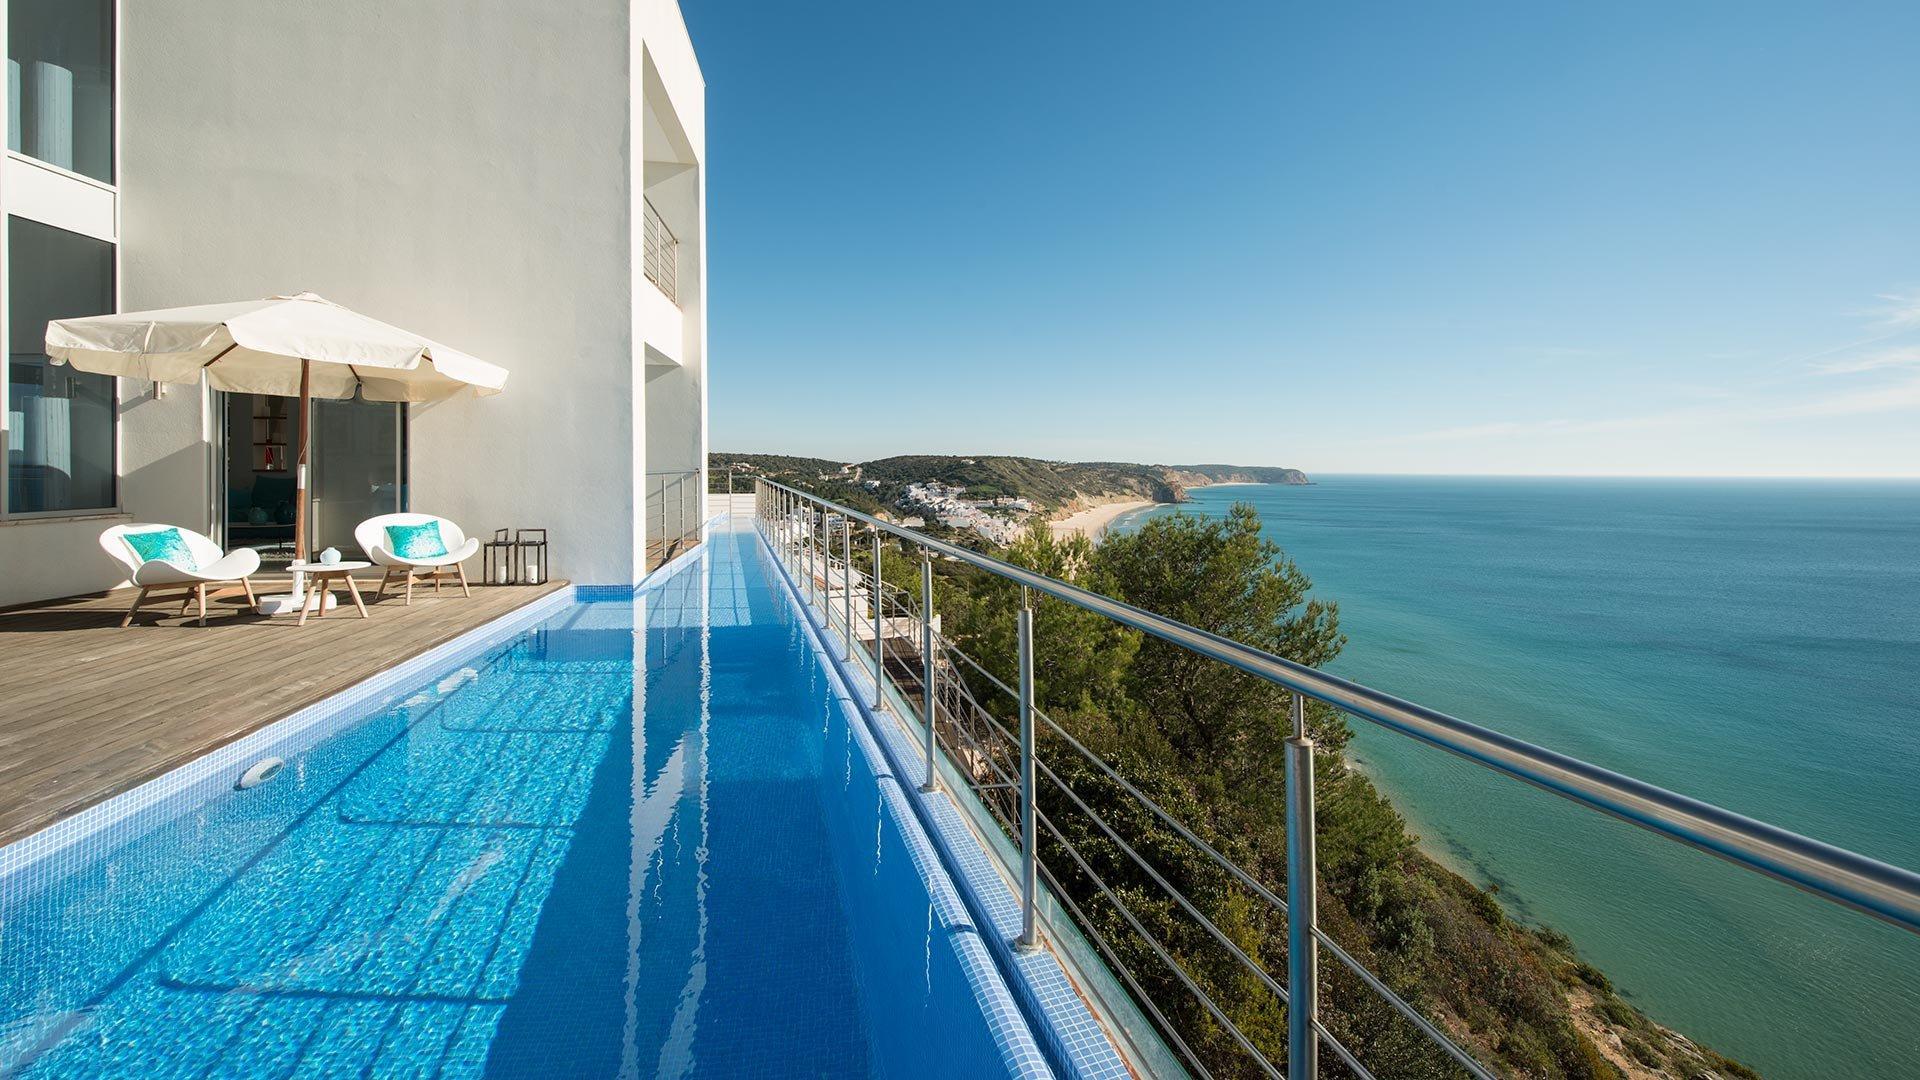 Villa Mar Azul - Salema, Sagres, Algarve - algarve-villa-mar-azul-salema-01.jpg